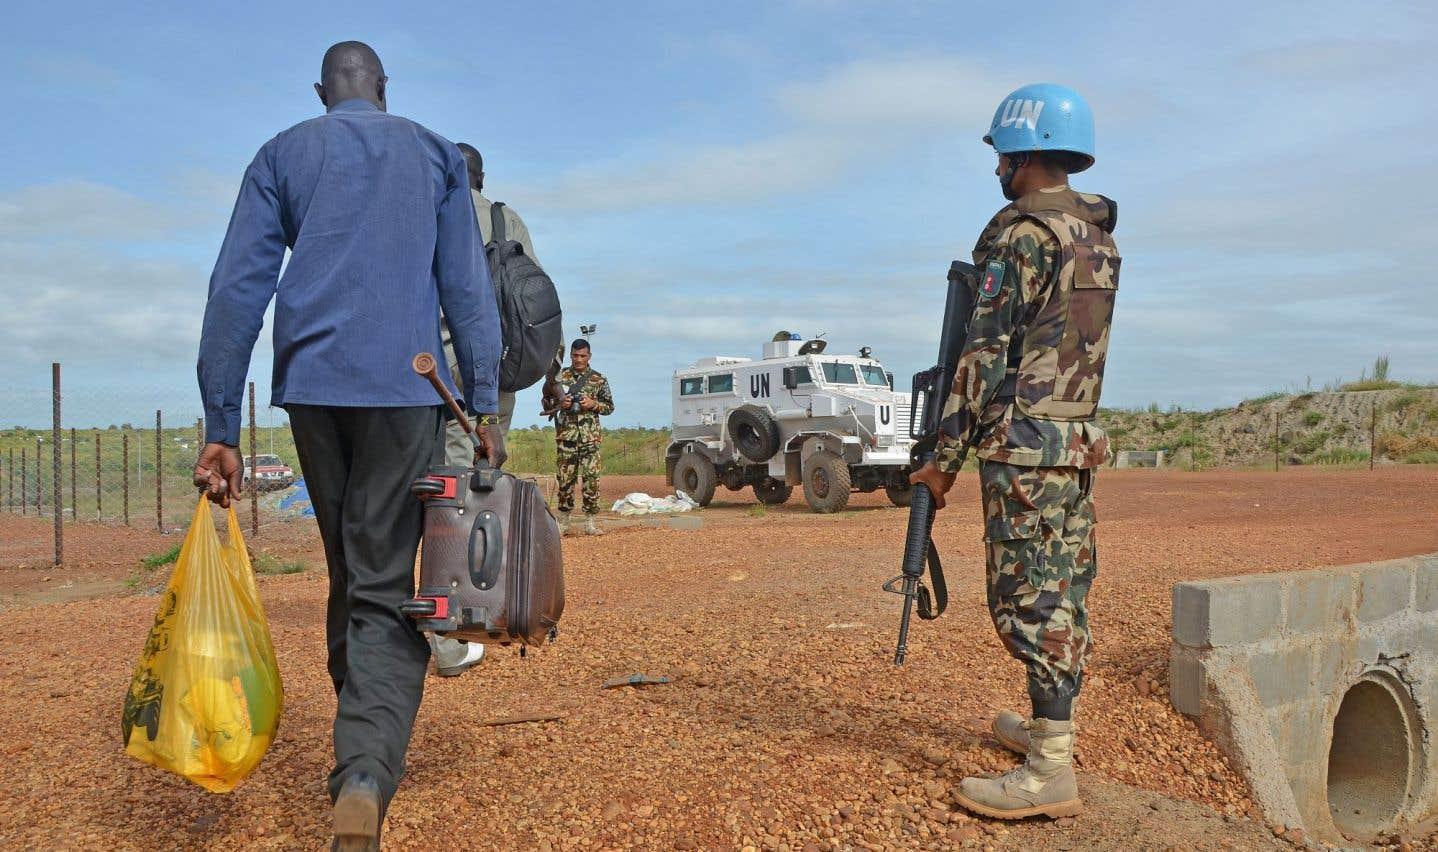 Retour aux opérations du maintien de la paix: leurre ou espoir?